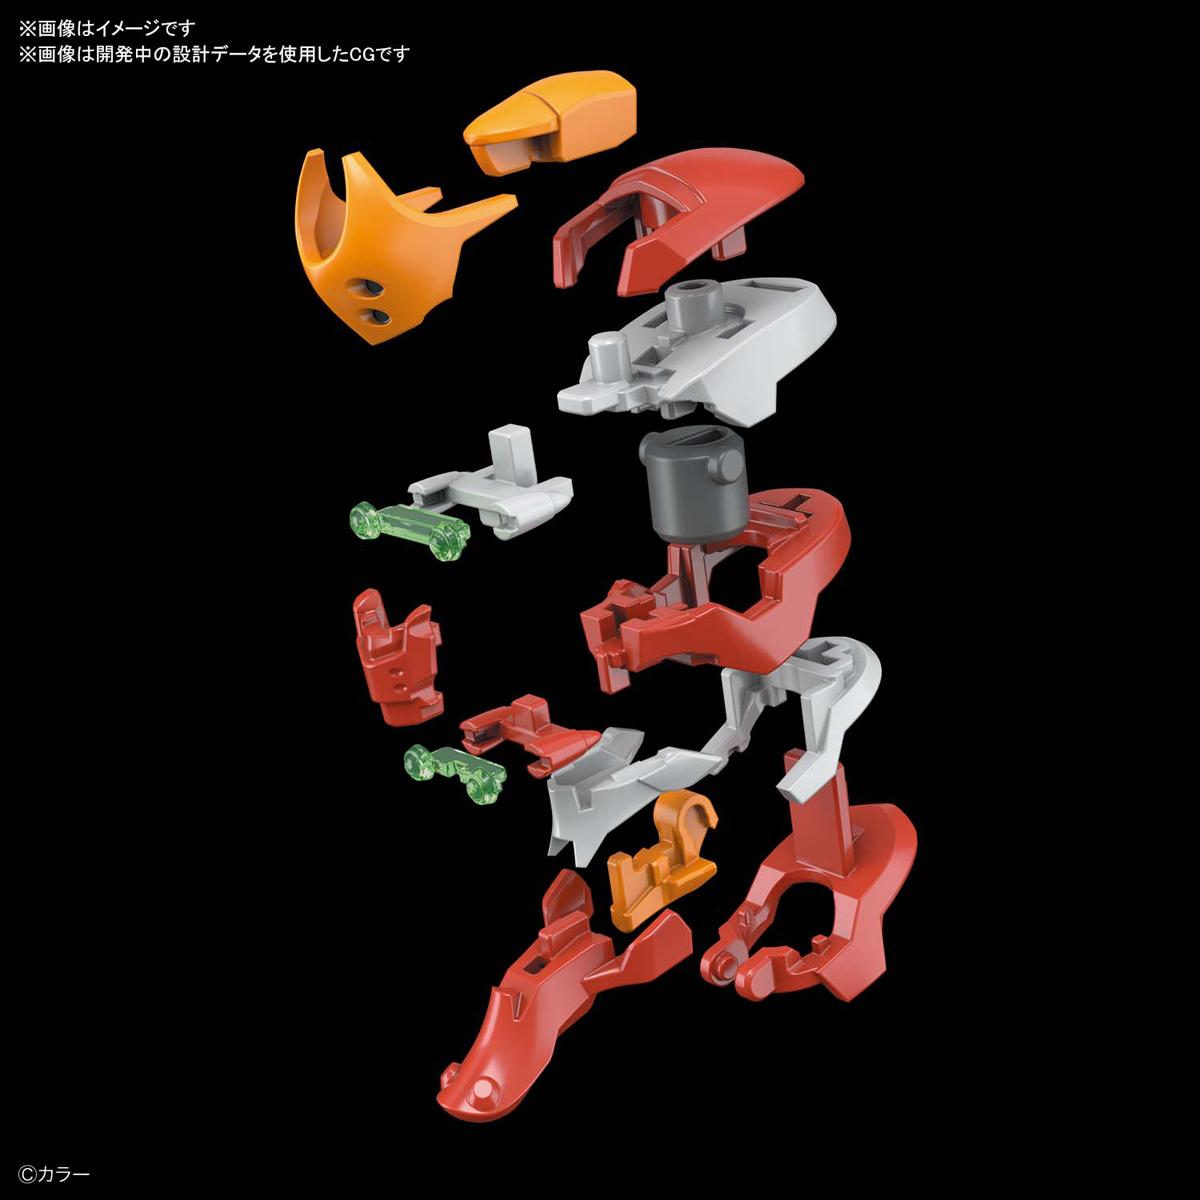 RG『汎用ヒト型決戦兵器 人造人間エヴァンゲリオン 正規実用型 2号機(先行量産機)』プラモデル-004